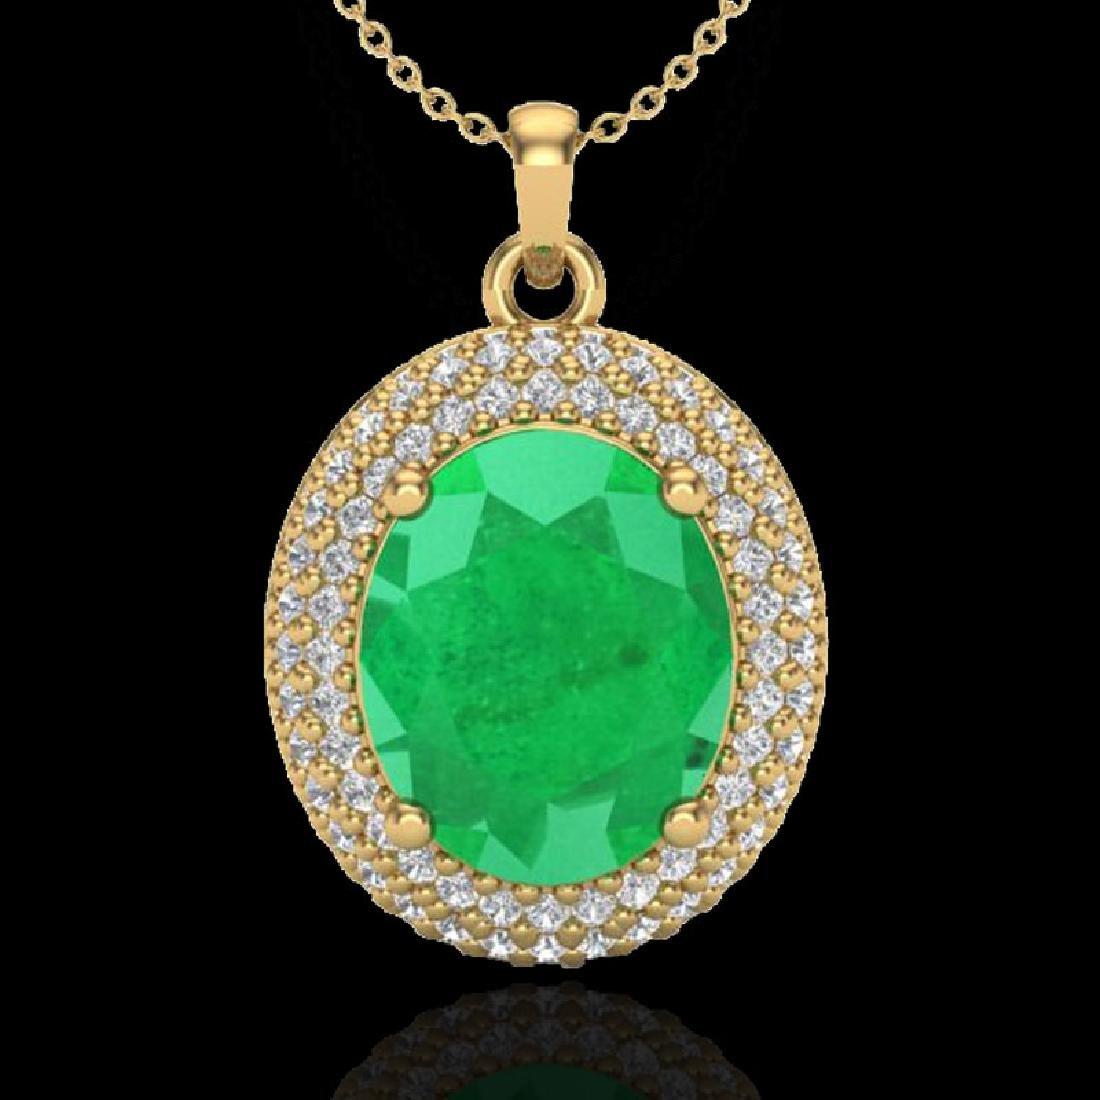 4.50 CTW Emerald & Micro Pave VS/SI Diamond Necklace